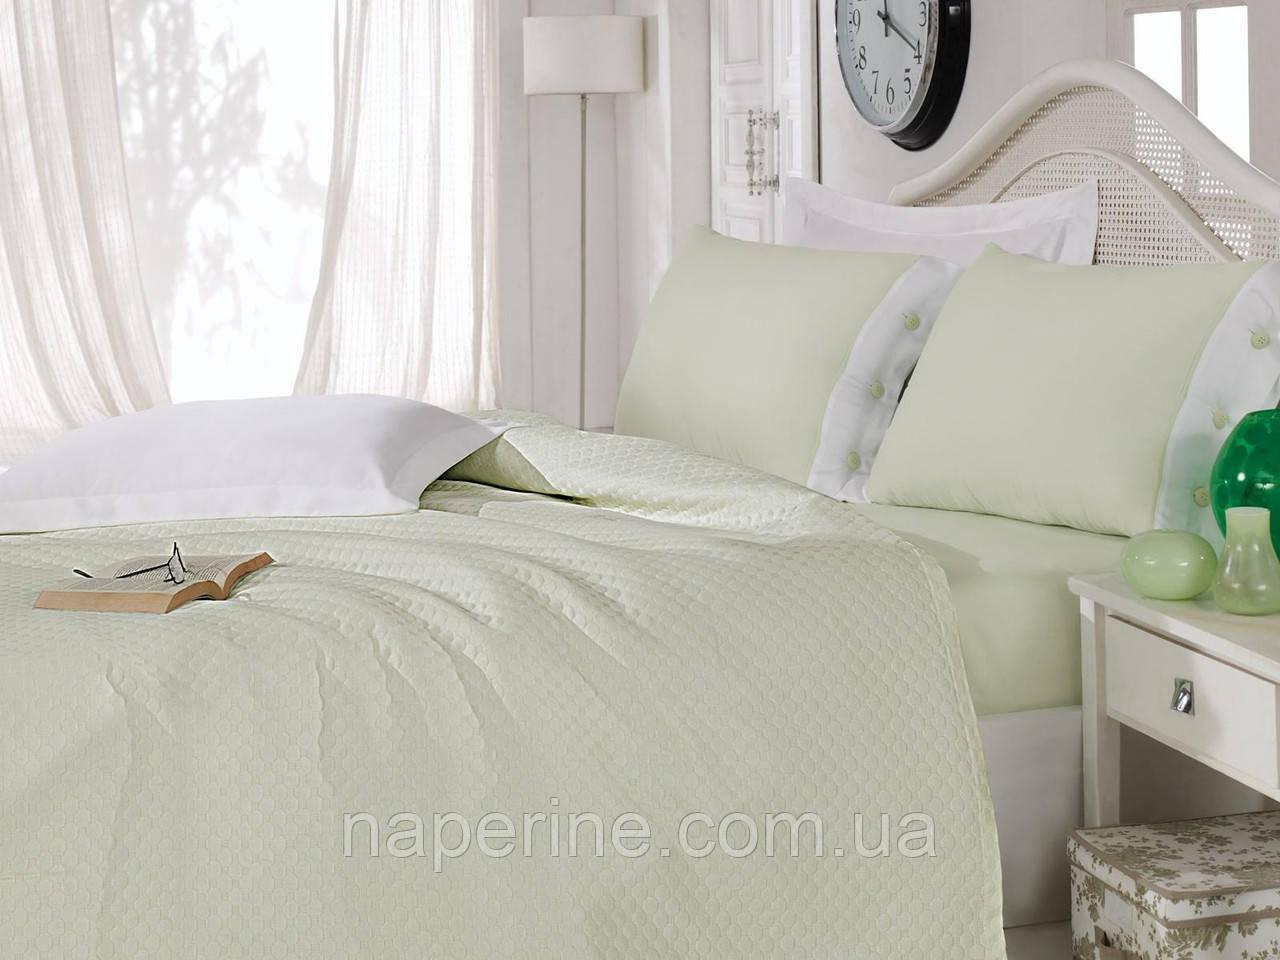 Постельное белье с покрывалом Cotton box Сатин пике Yesil green